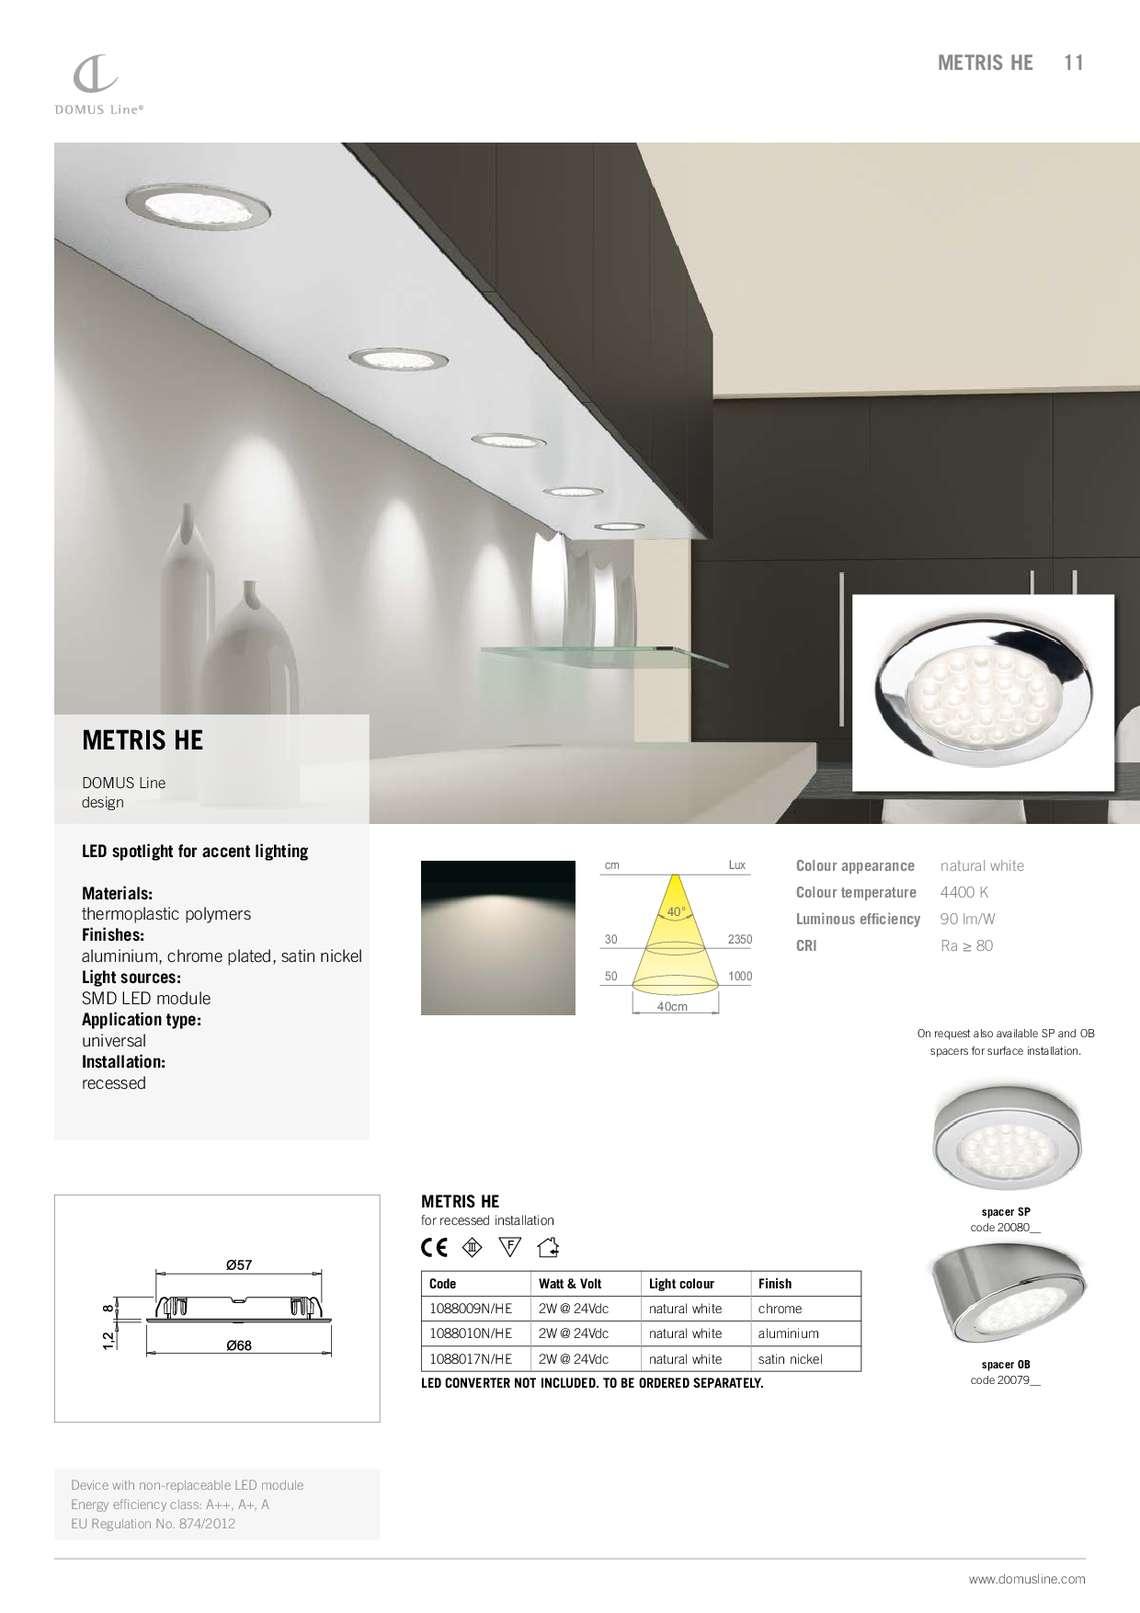 domus-line-top-seller_27_012.jpg